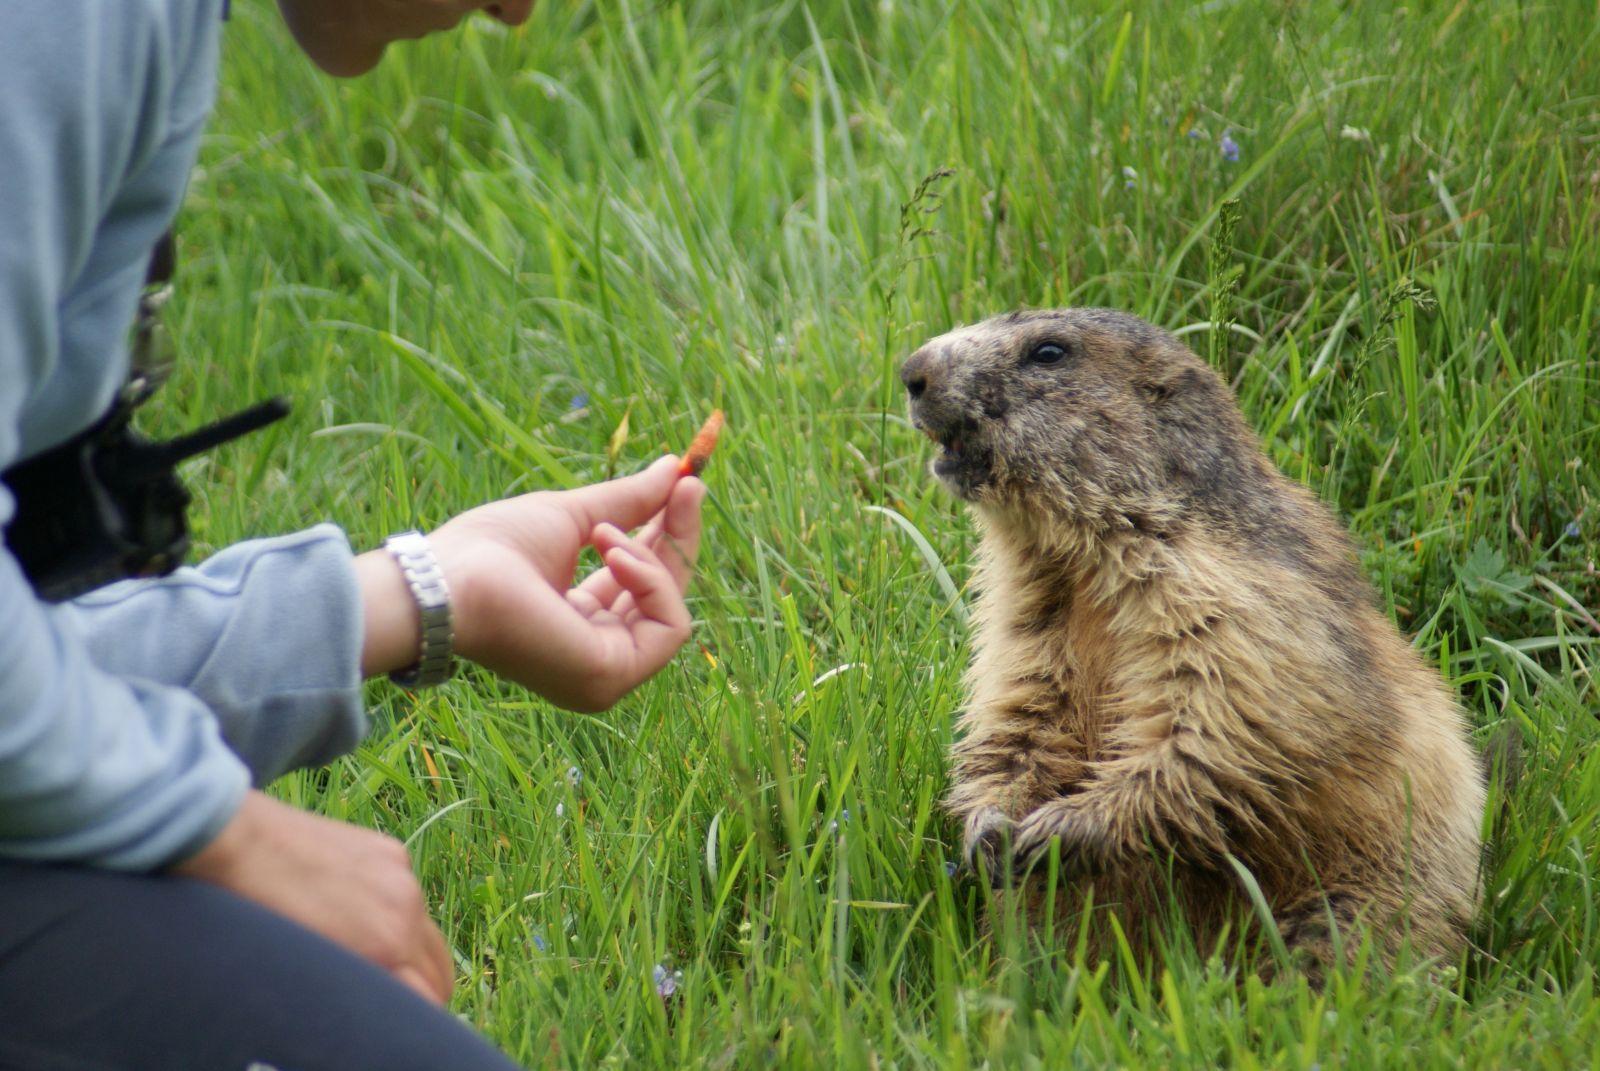 Gouter des marmottes parc de merlet